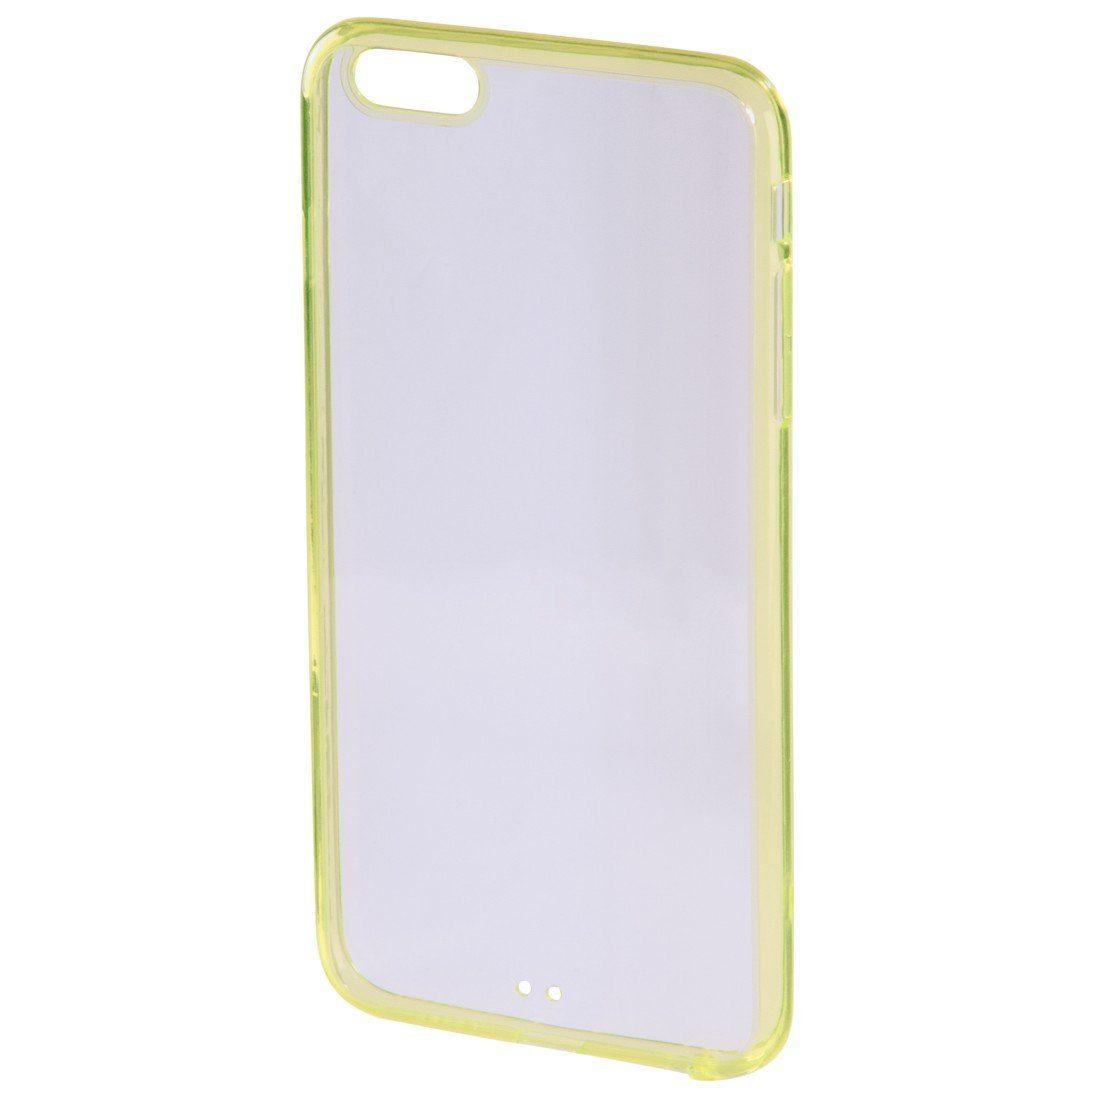 Hama Cover Frame für Apple iPhone 6 Plus/6s Plus, Gelb